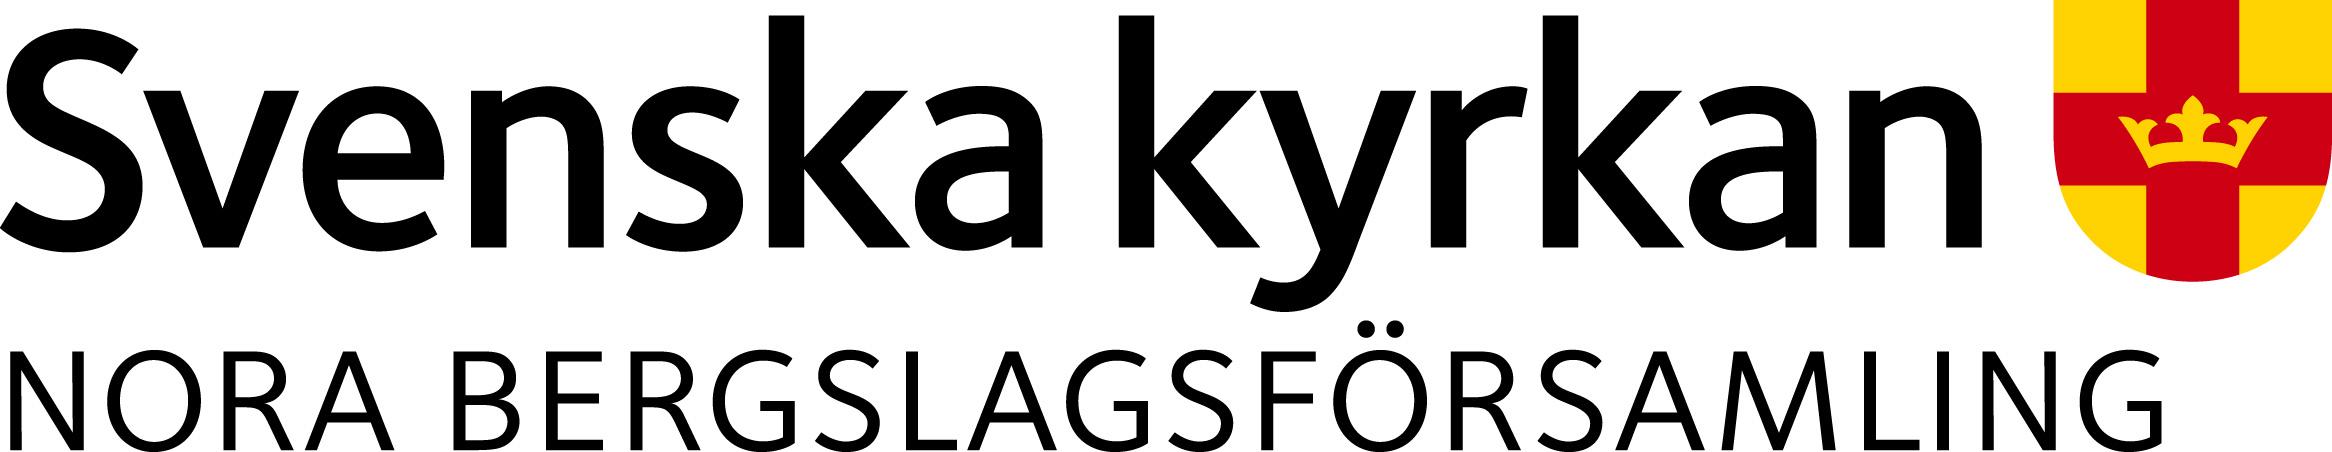 Svenska kyrkan, Nora Bergslags församling stöttar Nora Kammarmusikfestival